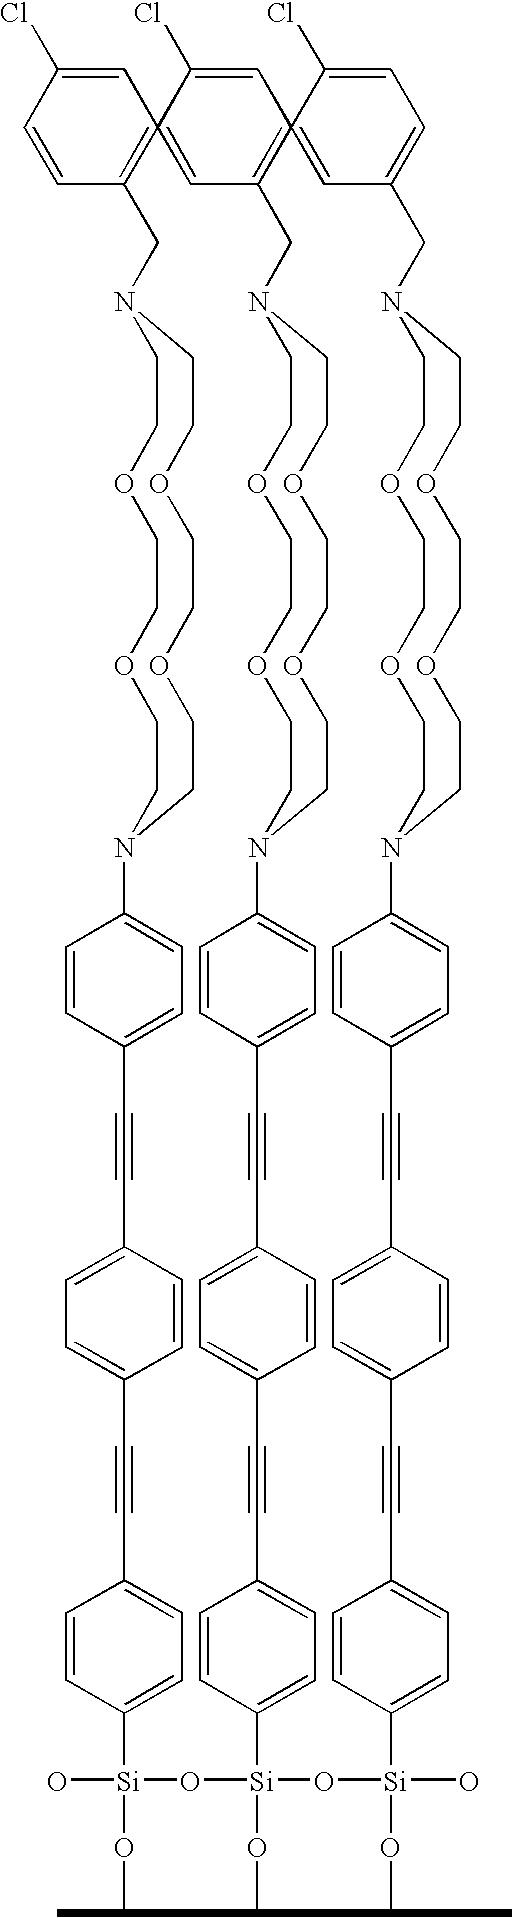 Figure US20050202273A1-20050915-C00016